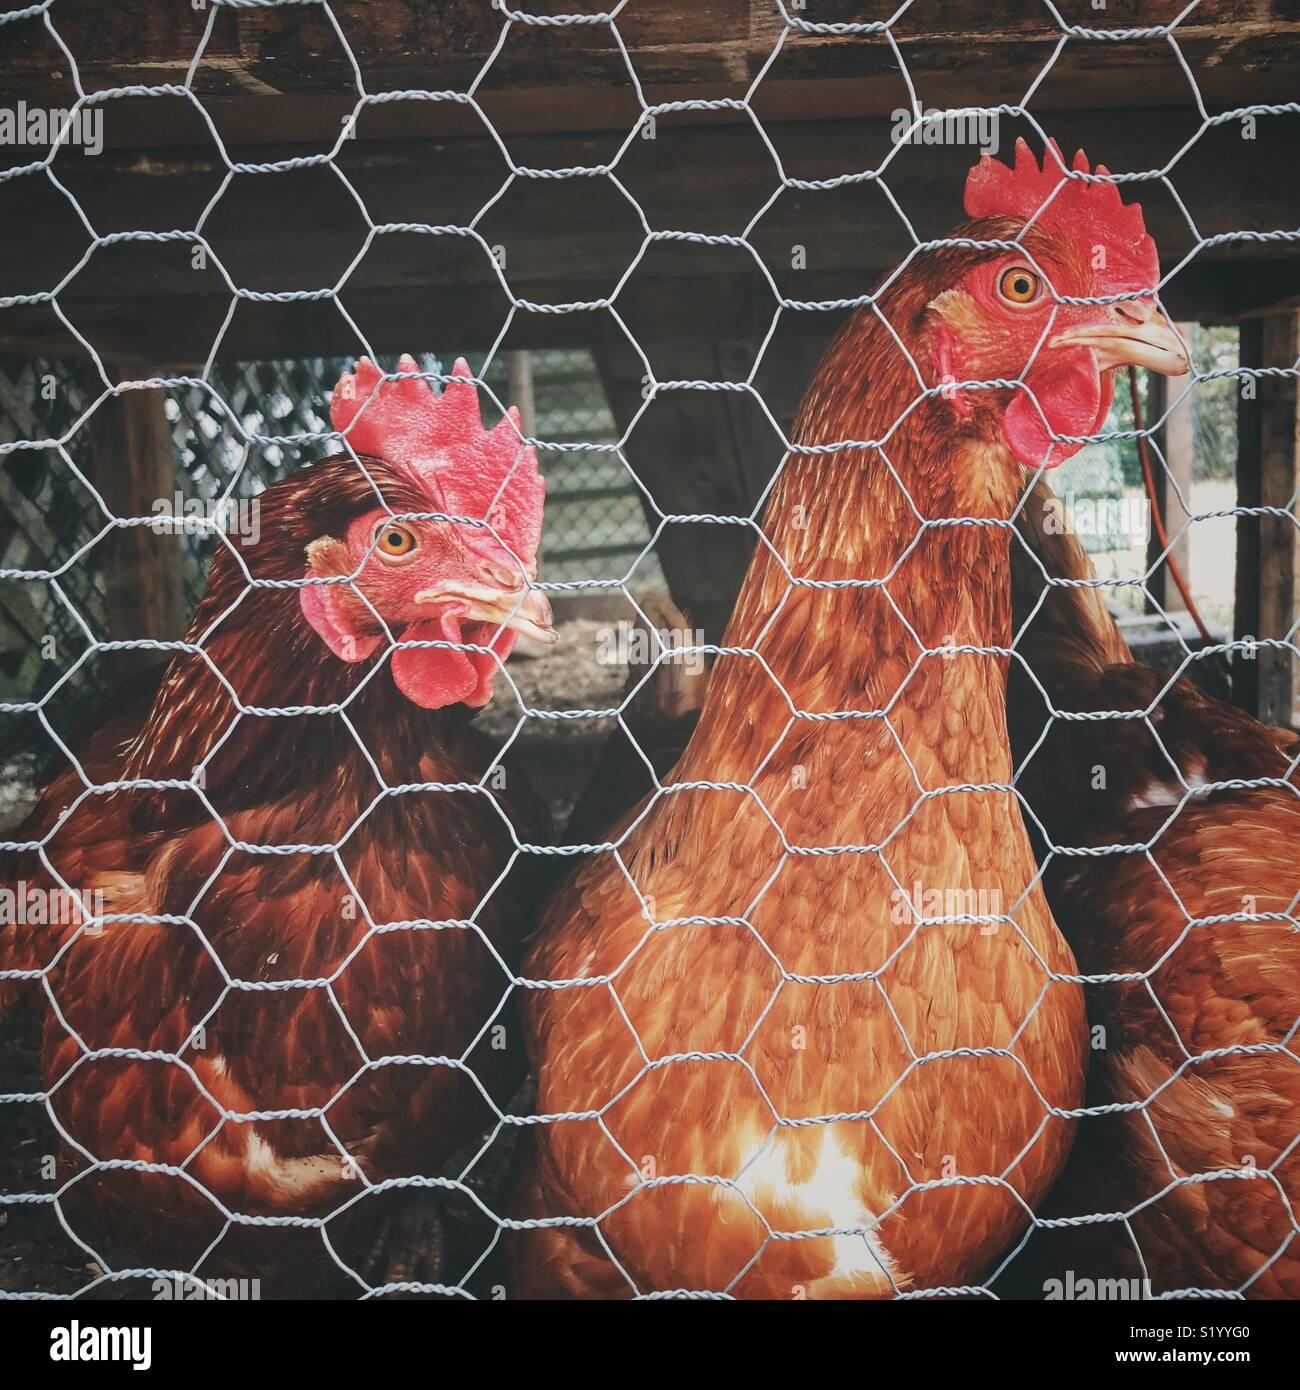 Les poules Rhode Island Red jardin derrière le fil de poulet au stylo sous coop Photo Stock